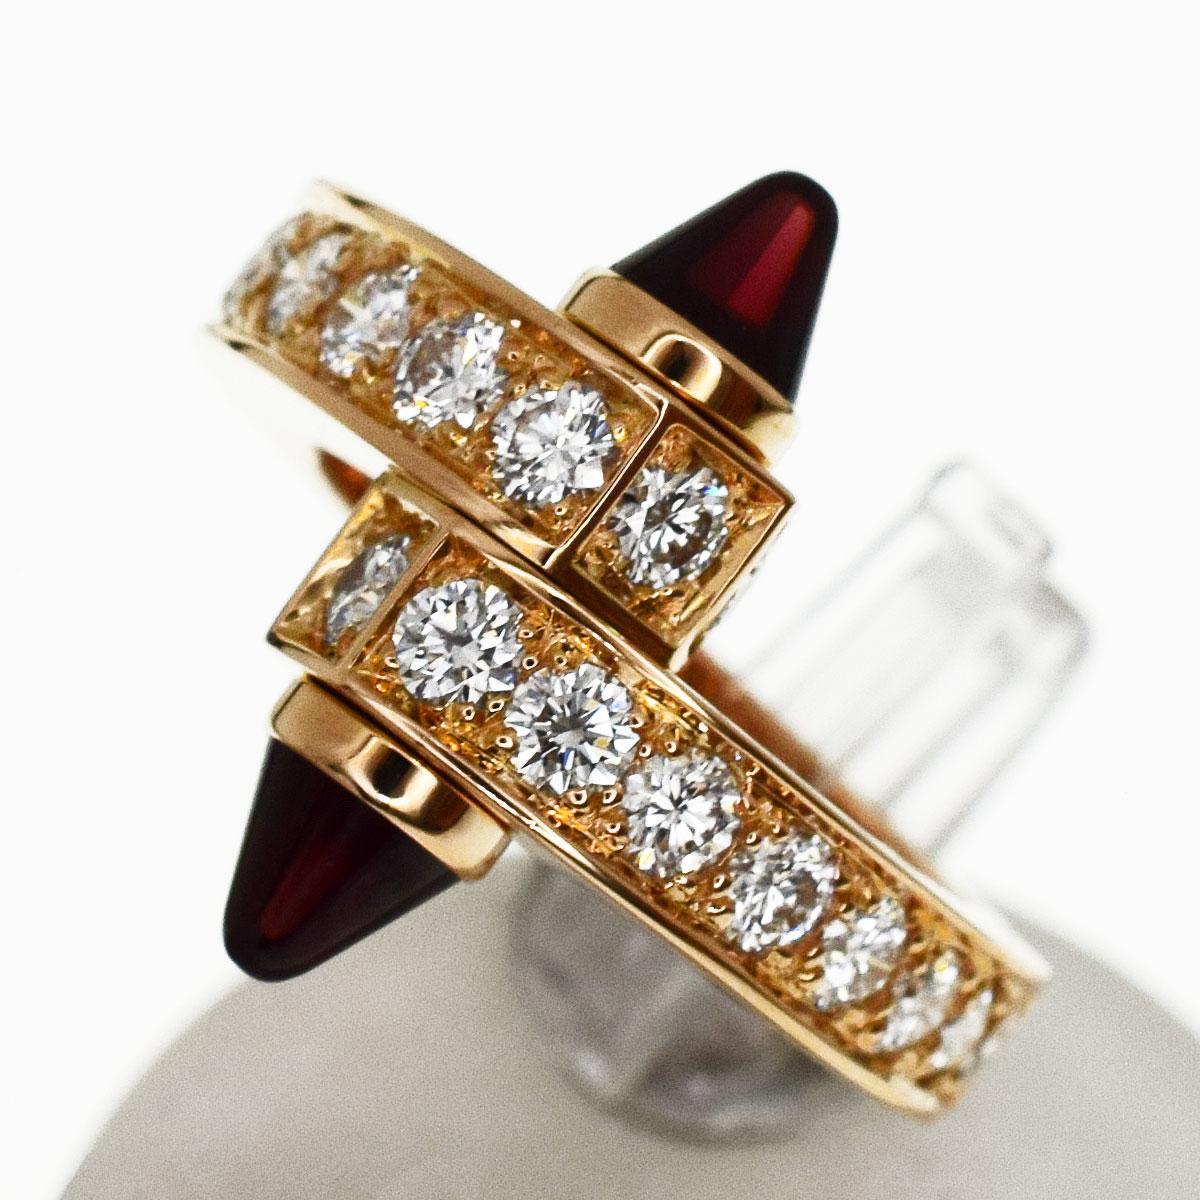 Cartier カルティエ ダイヤ Menotte メノット リング ガーネット 750 K18 PG ピンクゴールド 日本サイズ約11号 #51【送料無料】【代引き手数料無料】指輪 レディース【中古】31761112